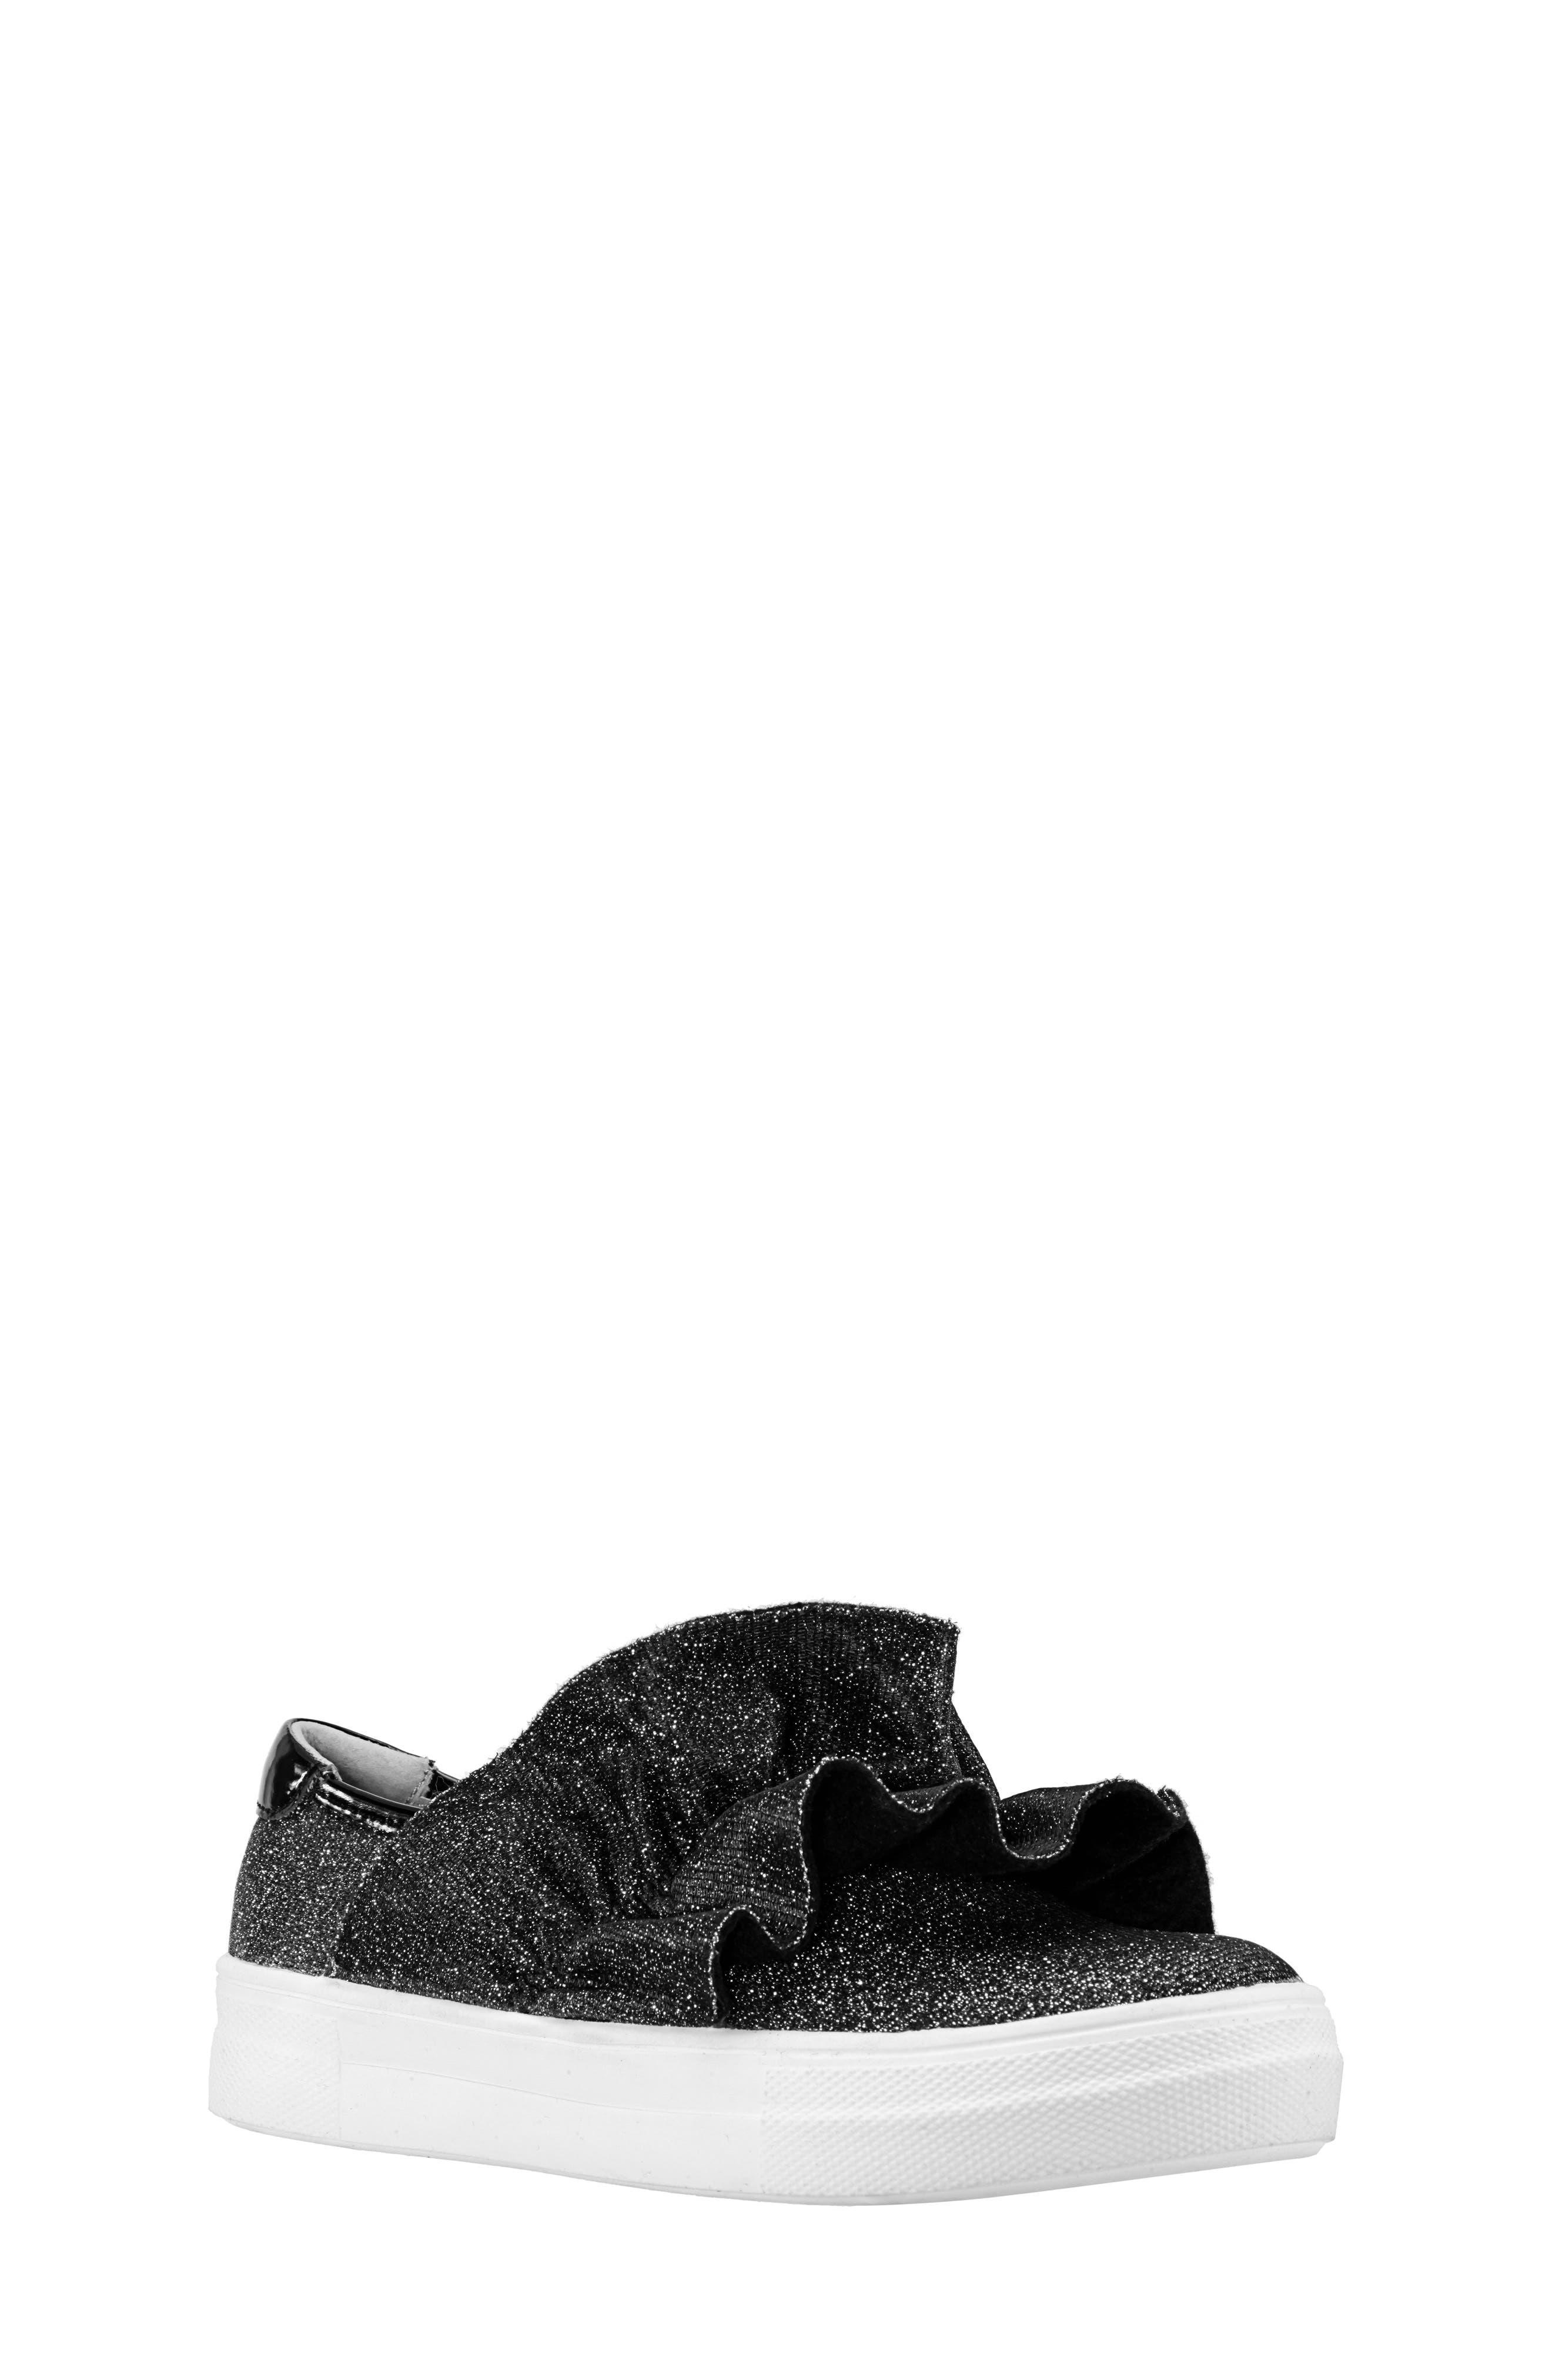 Ivani Slip-On Sneaker,                             Main thumbnail 1, color,                             BLACK SPARKLE FABRIC